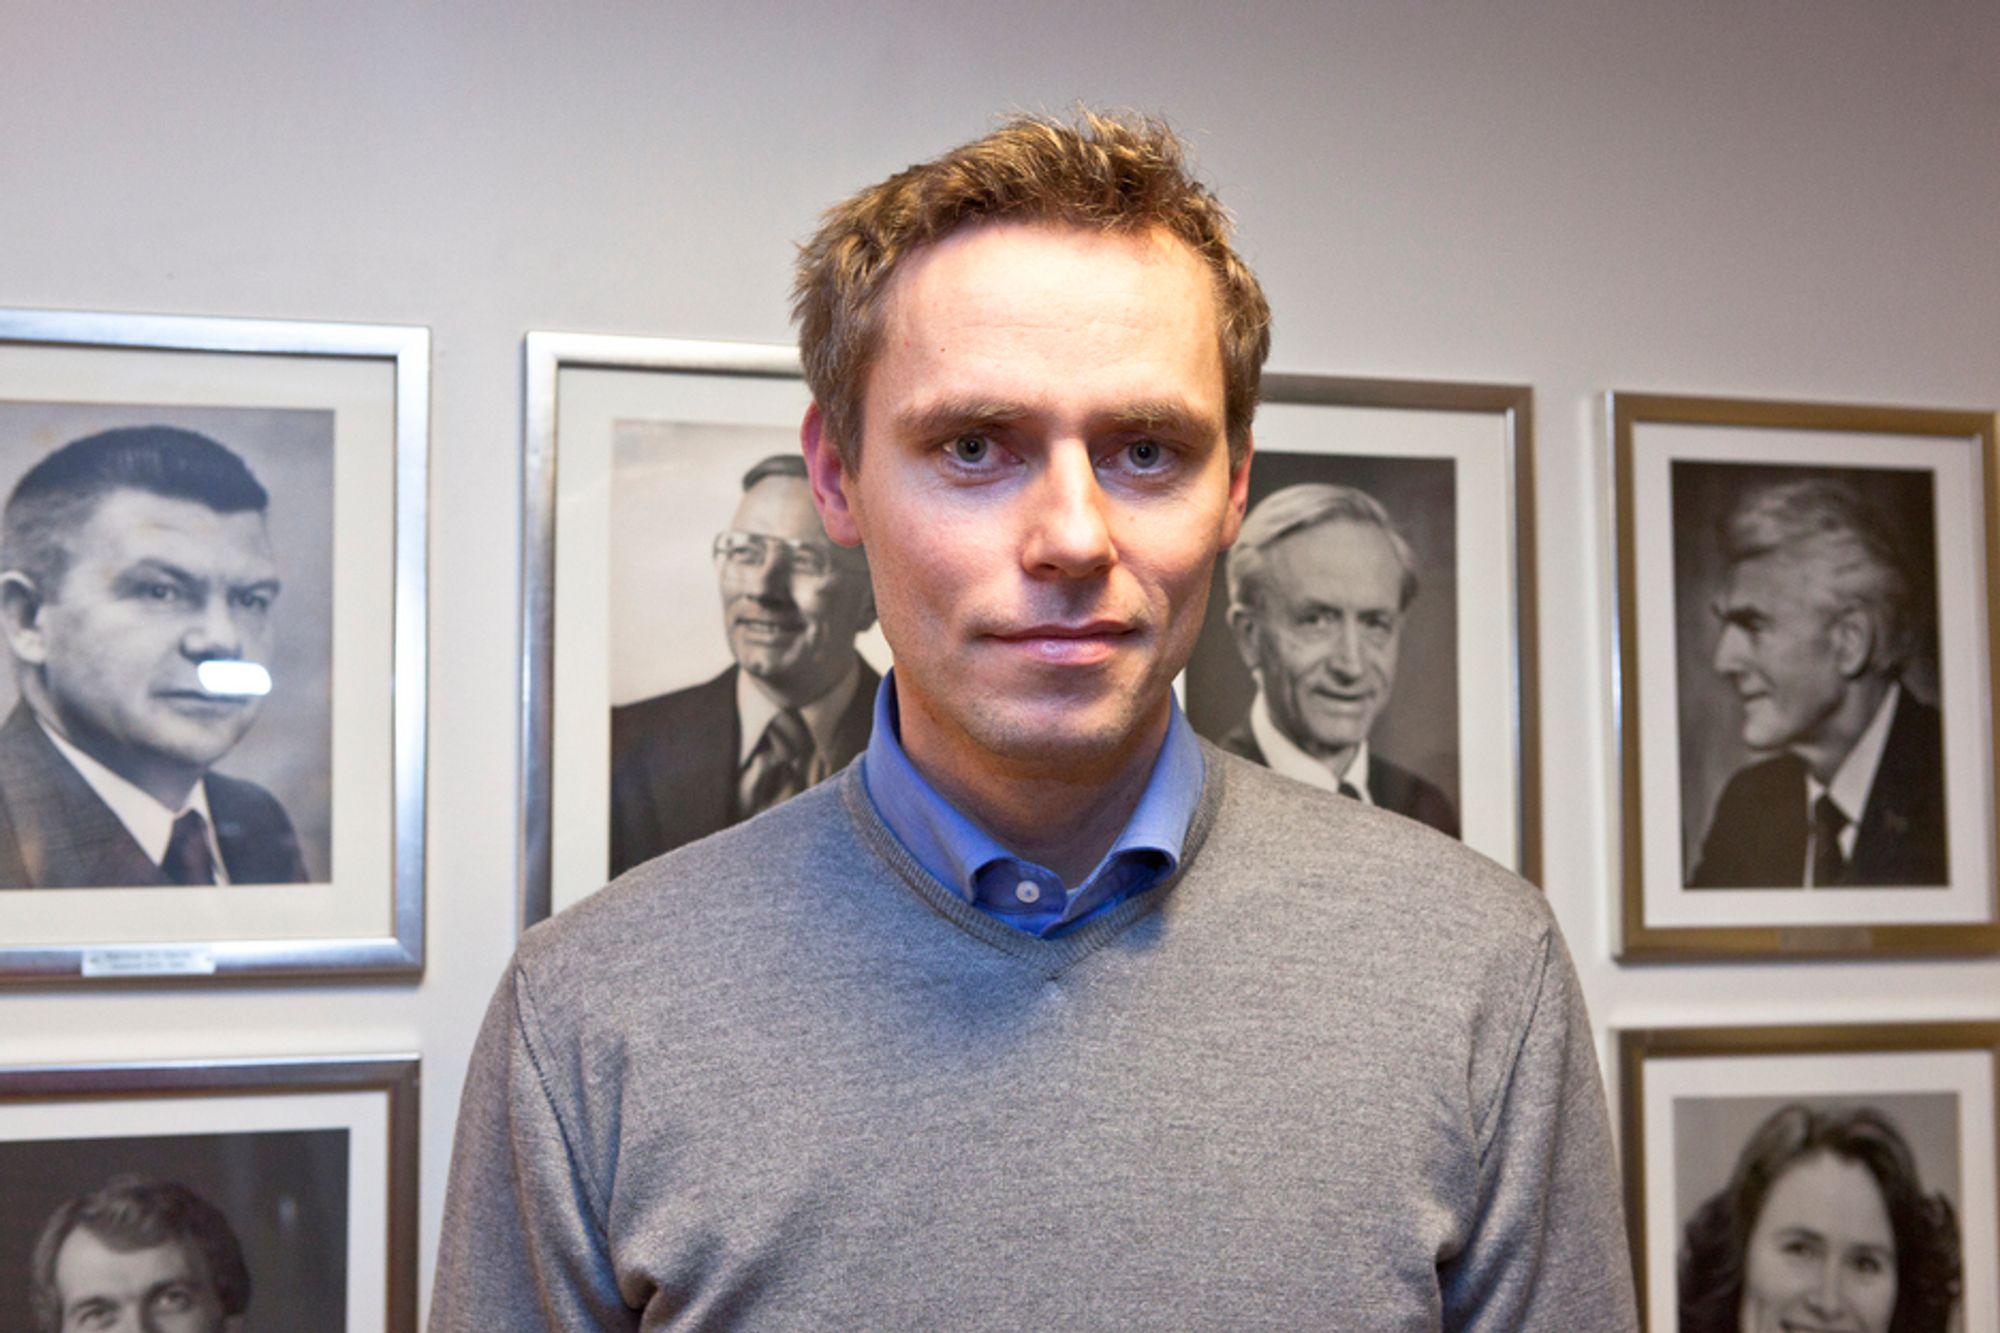 Norges nye olje- og energiminister Ola Borten Moe mener ulykken i Japan vil påvirke Norge som energinasjon, og er skeptisk til strømeksporten.